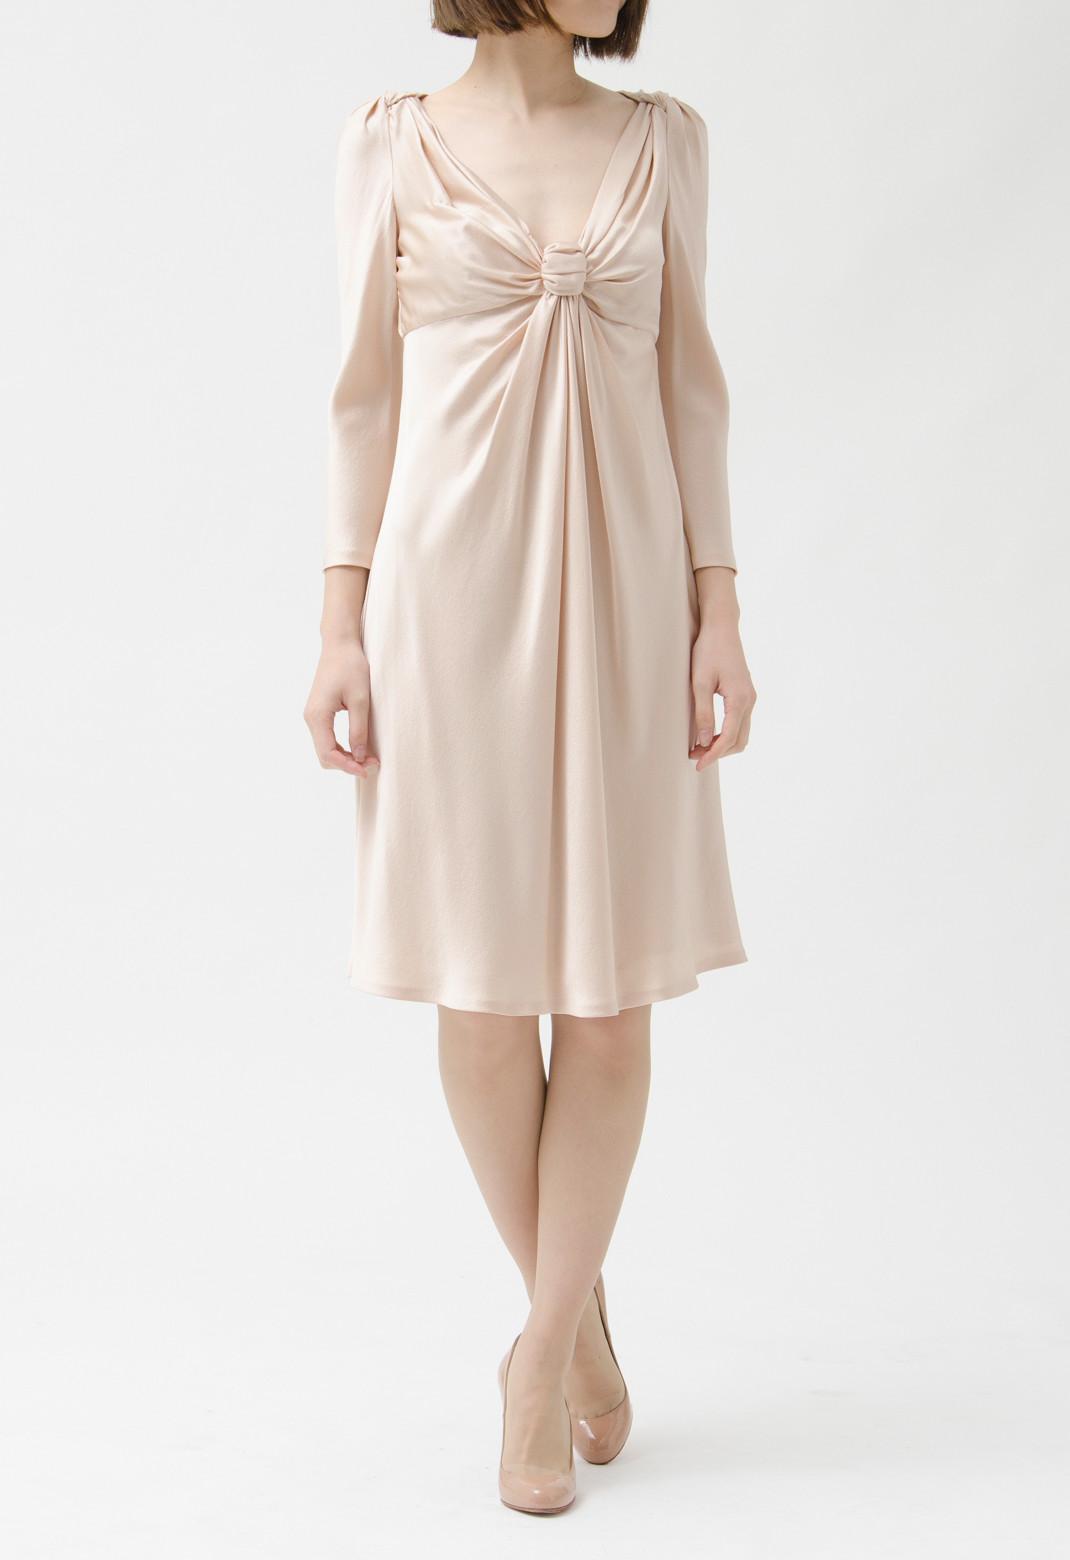 リボン風 ドレープ飾り シルク 七分袖ドレス